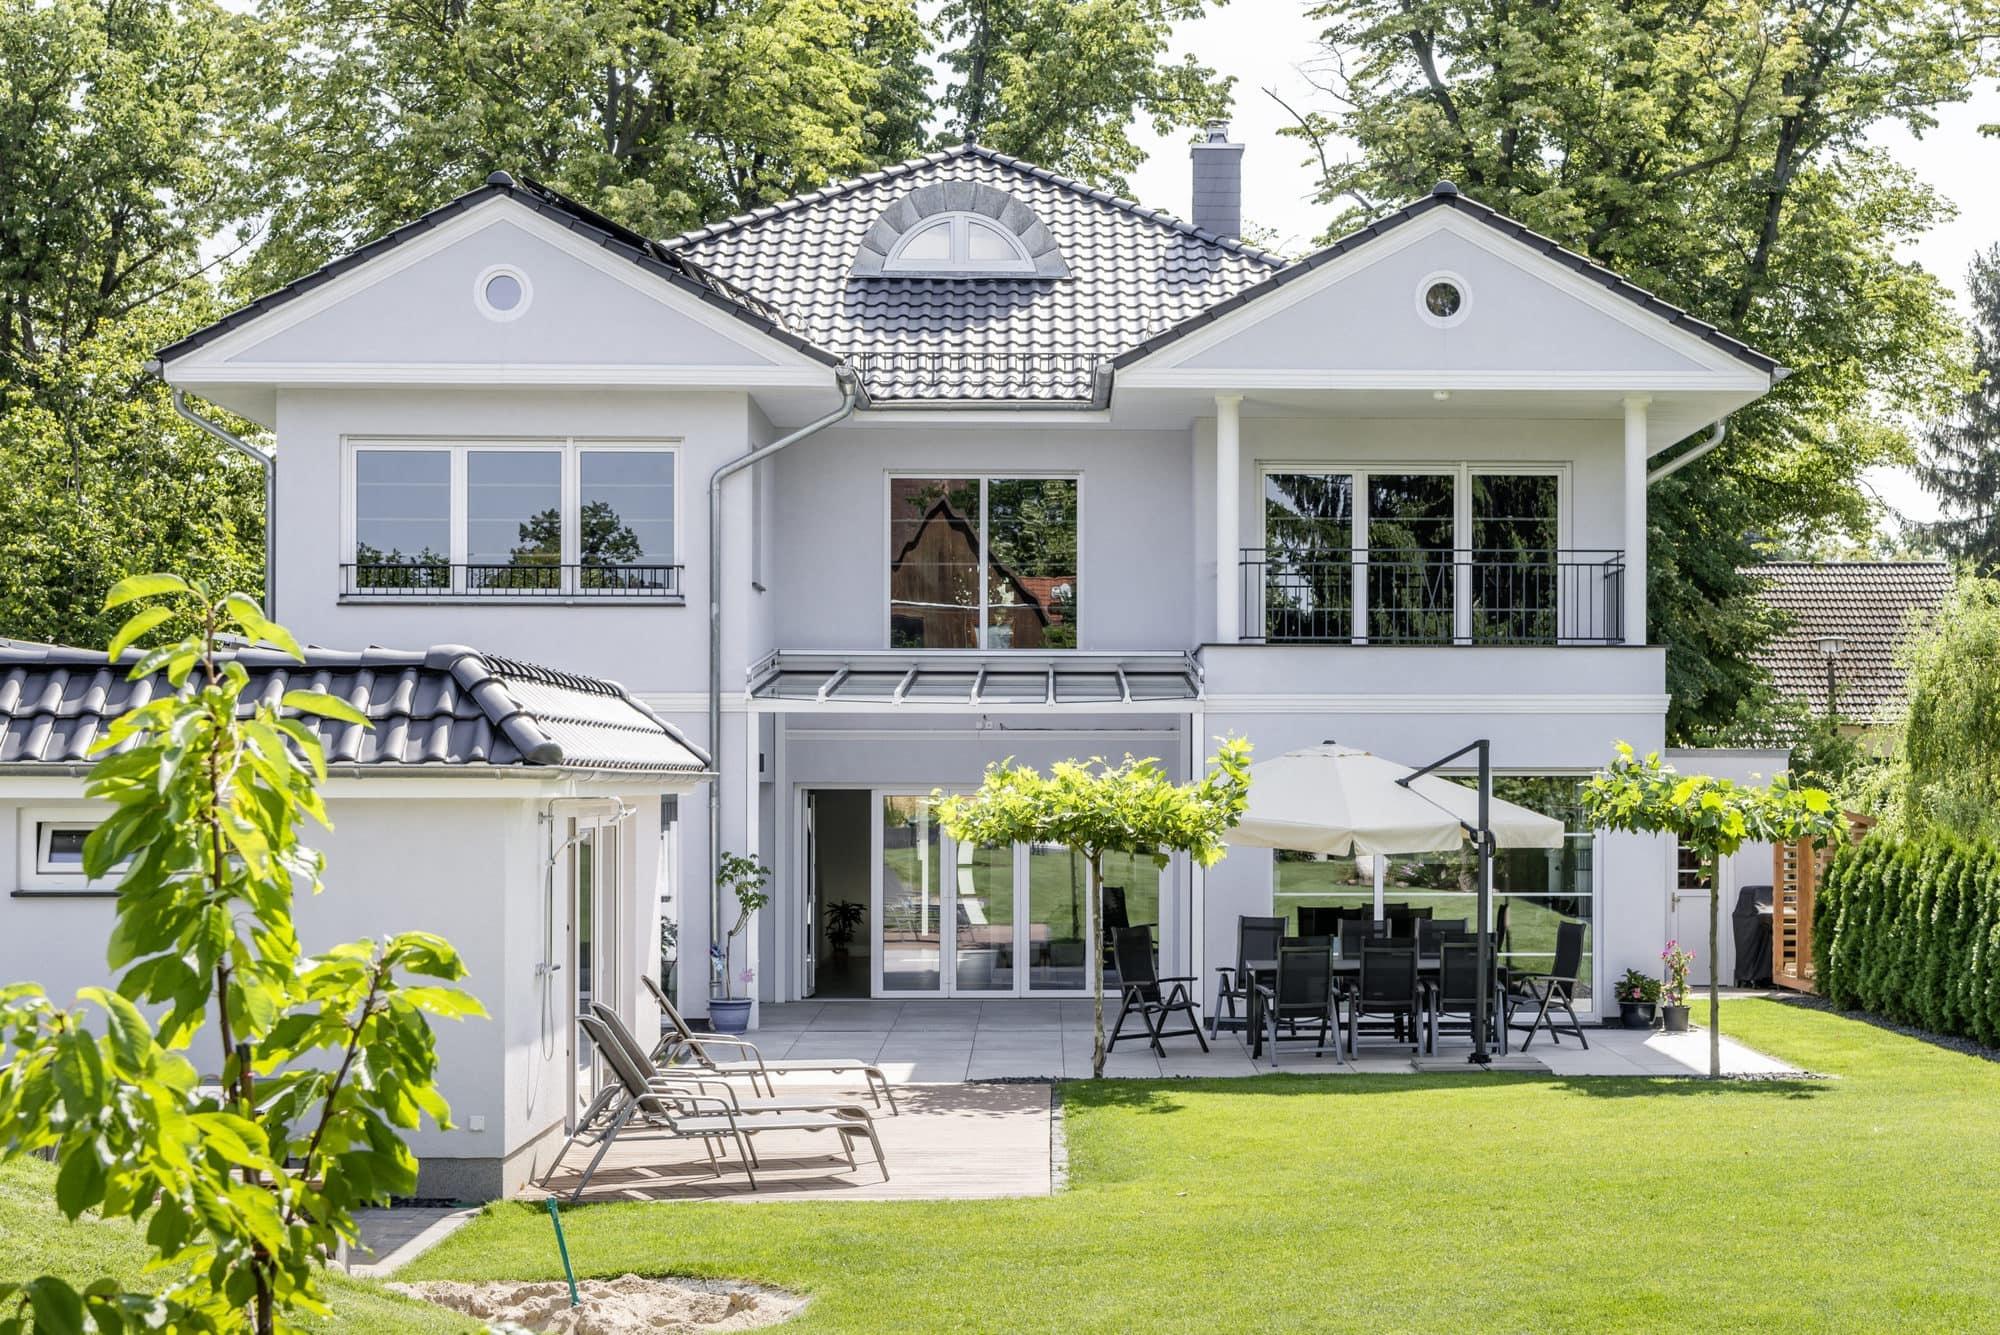 stadtvilla-mit-poolhaus-1